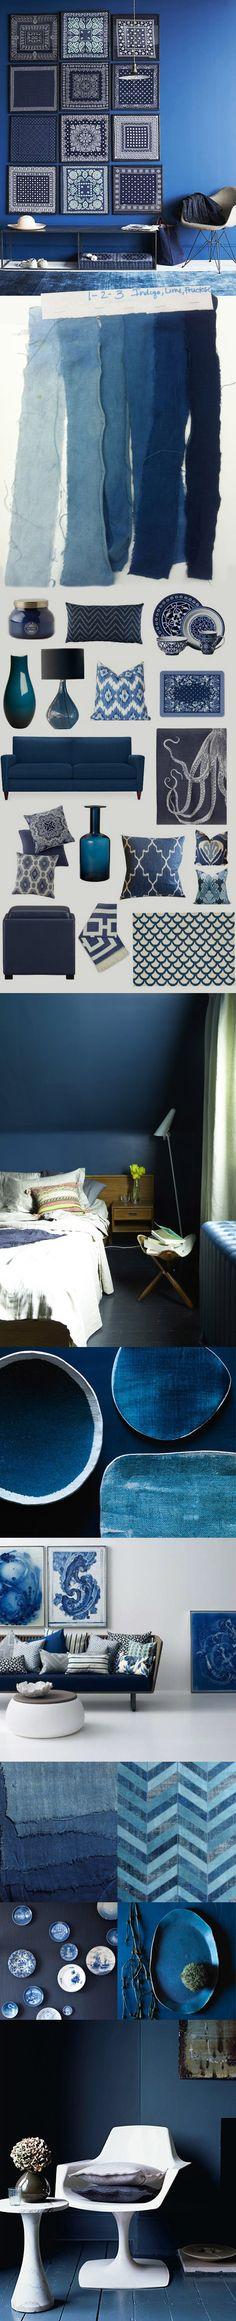 Indigo blauw interieur kleur trend